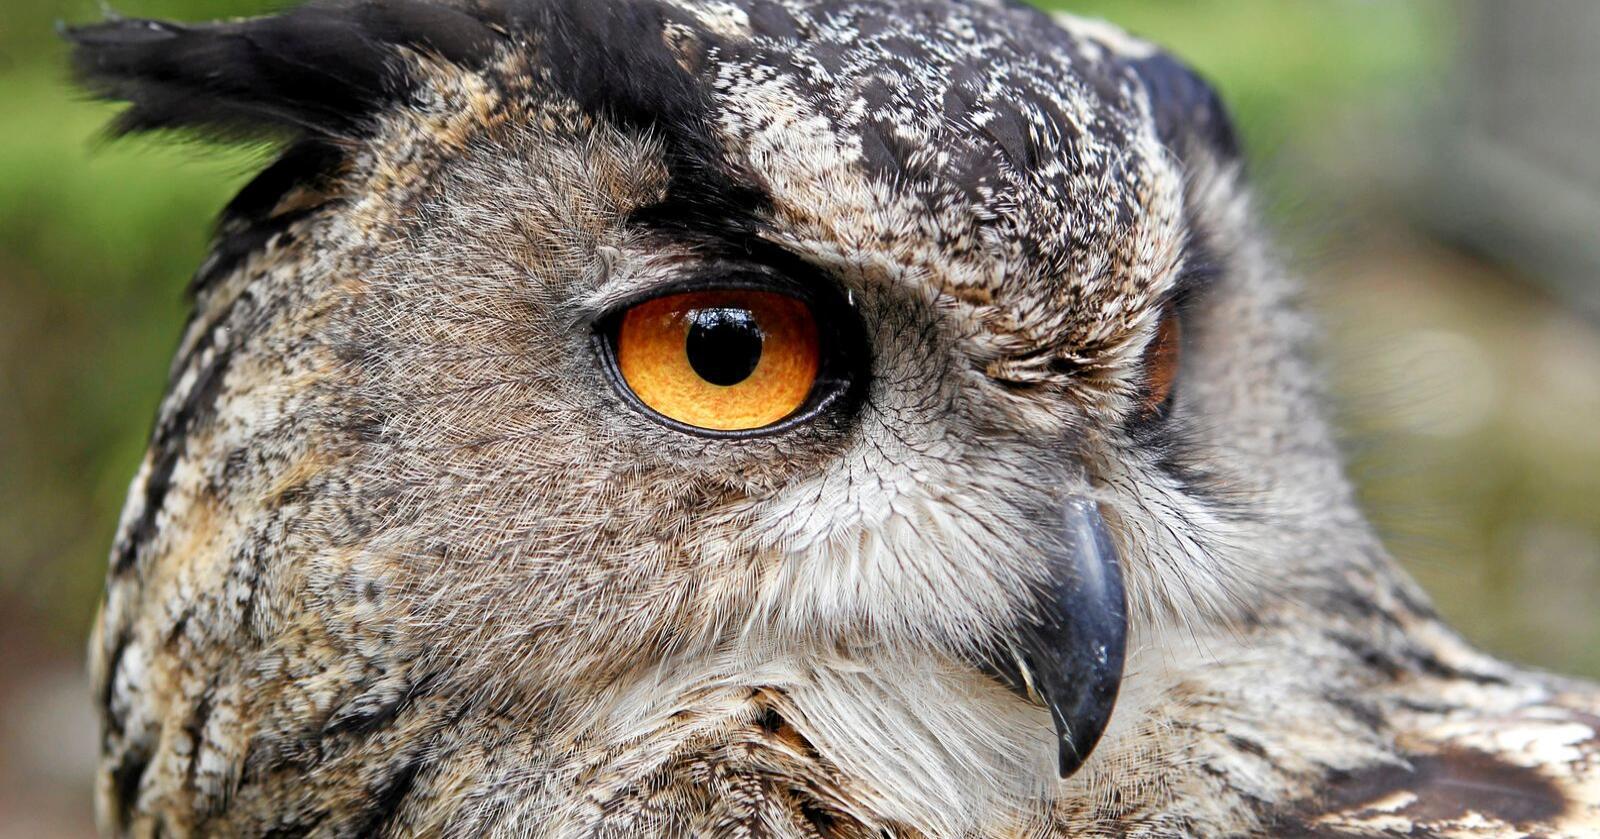 Hubro og snøugle er sterkt truet. Statskog Fjelltjenesten vil ha tips fra publikum om de ser disse artene i indre deler av Nordland. Her en hubro. Foto: Håkon Mosvold Larsen / NTB scanpix